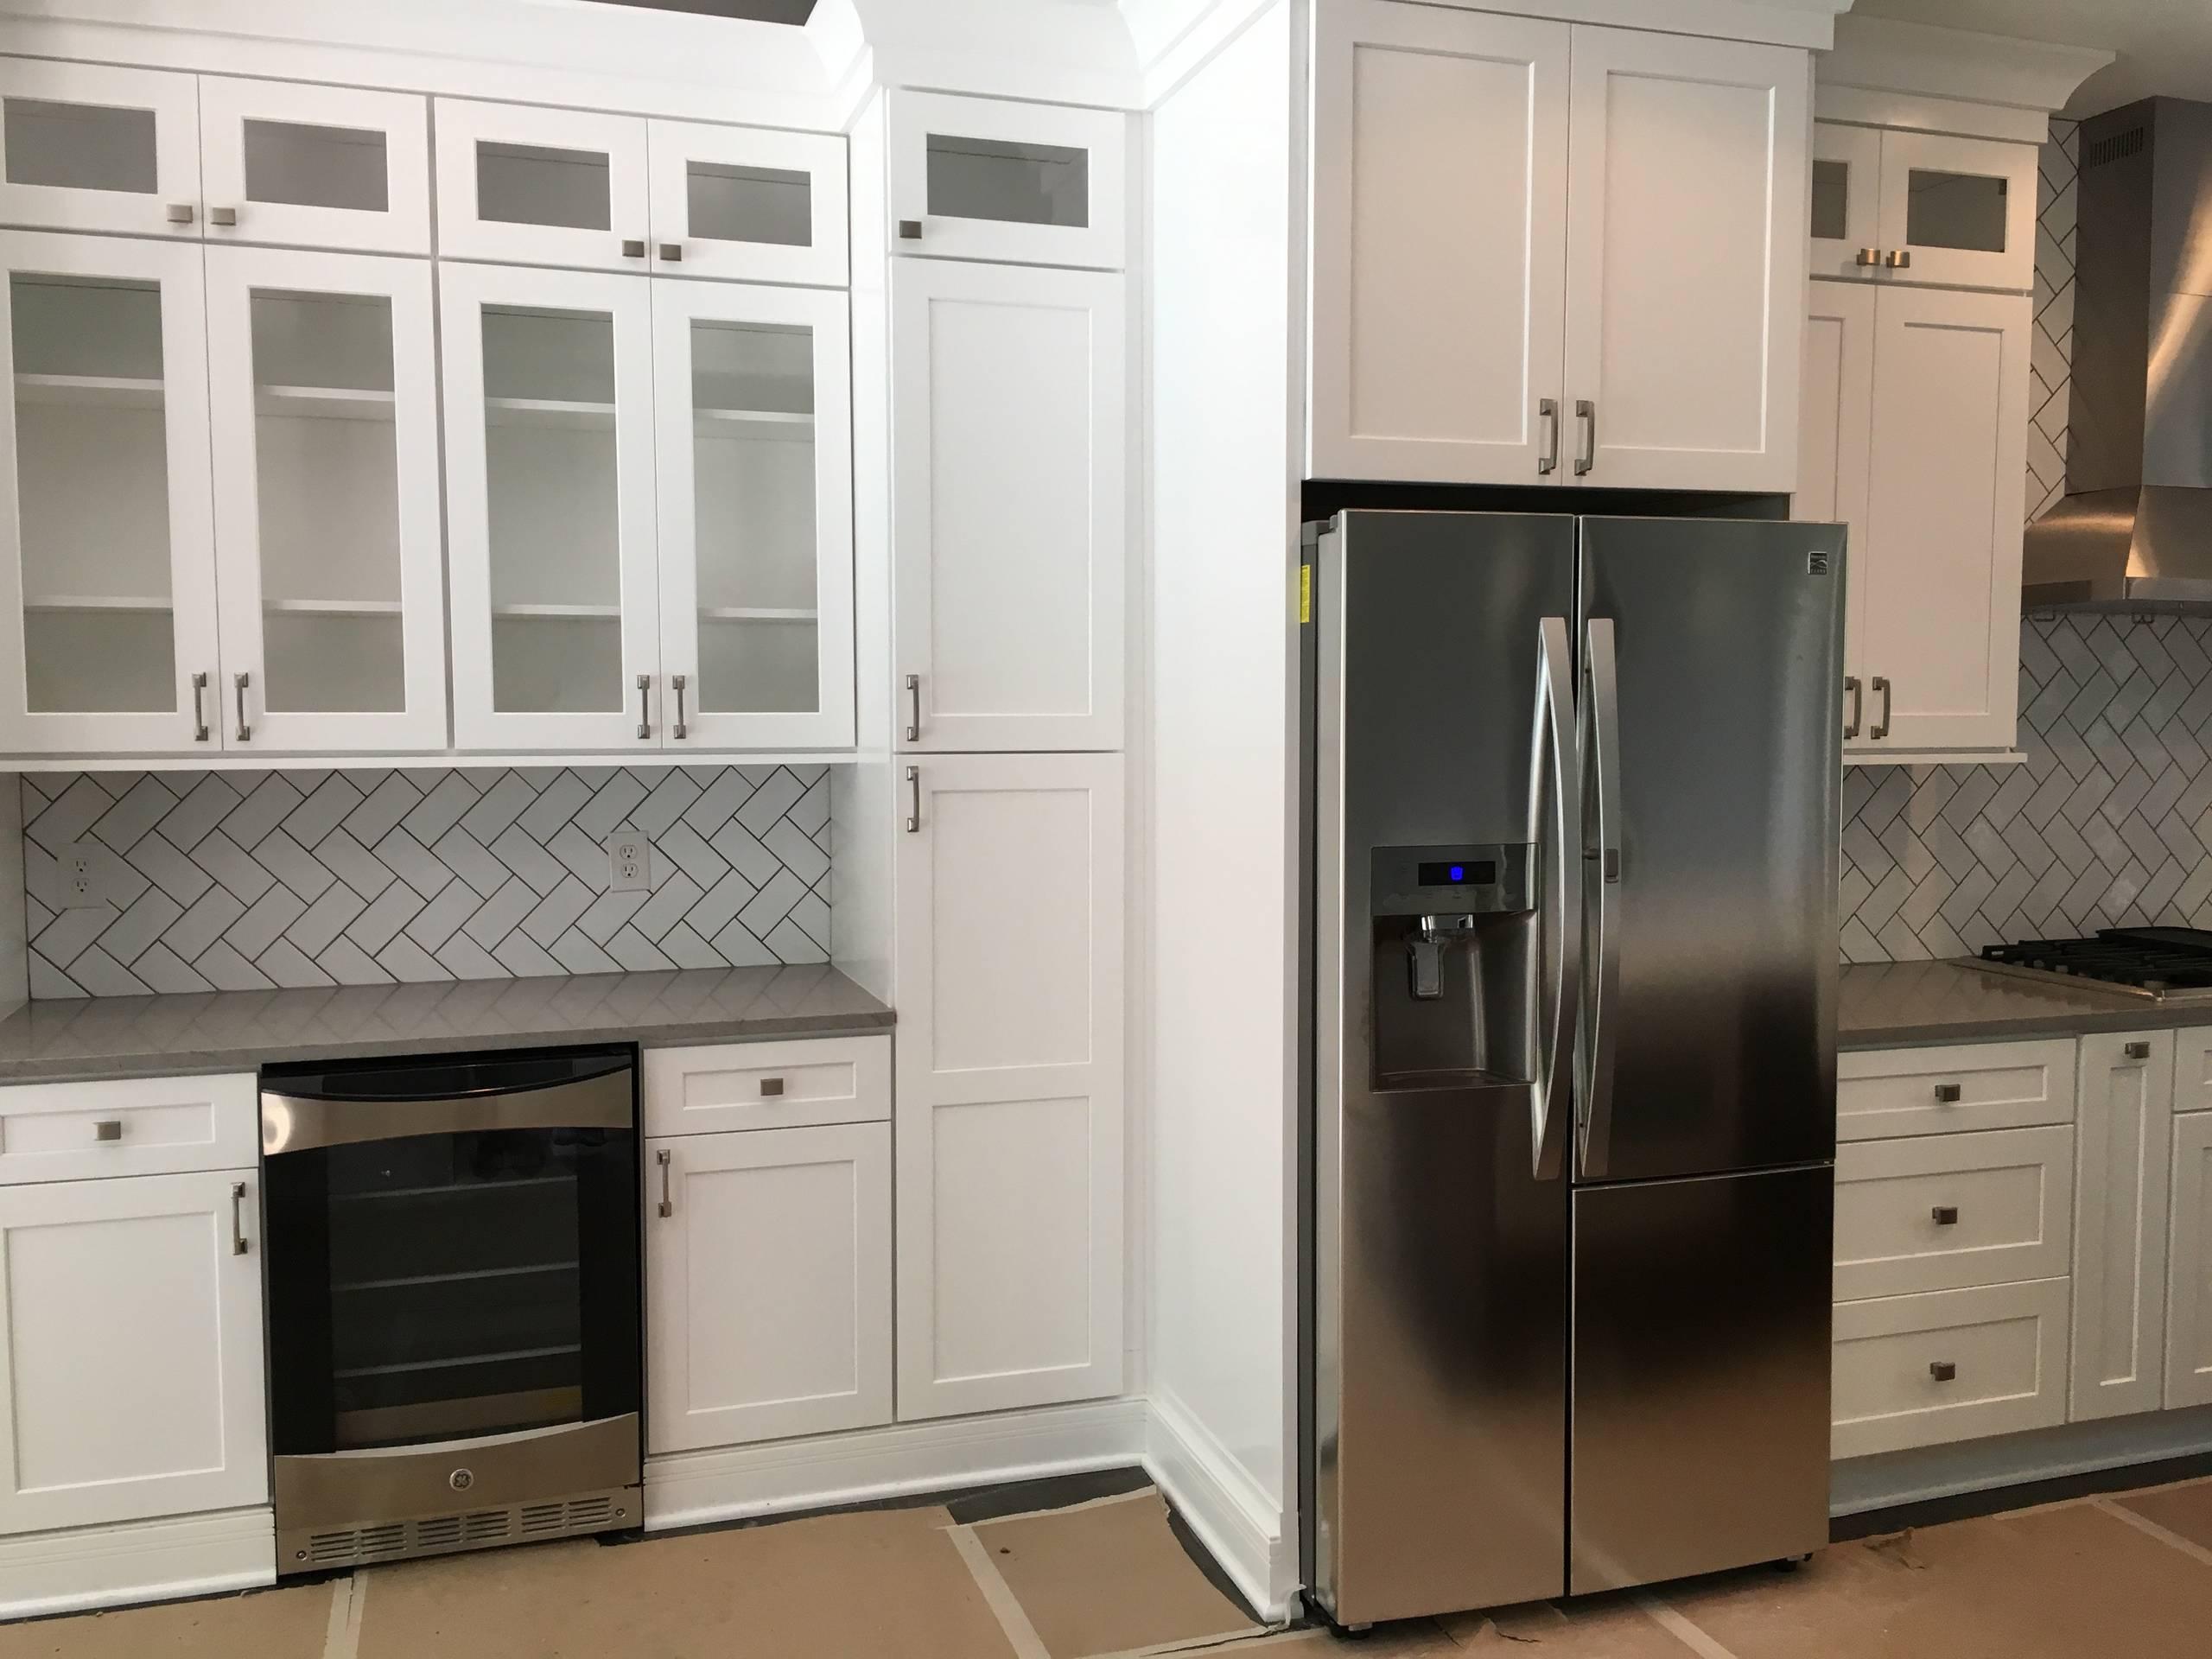 Dallas Modern Farmhouse Kitchen Remodel